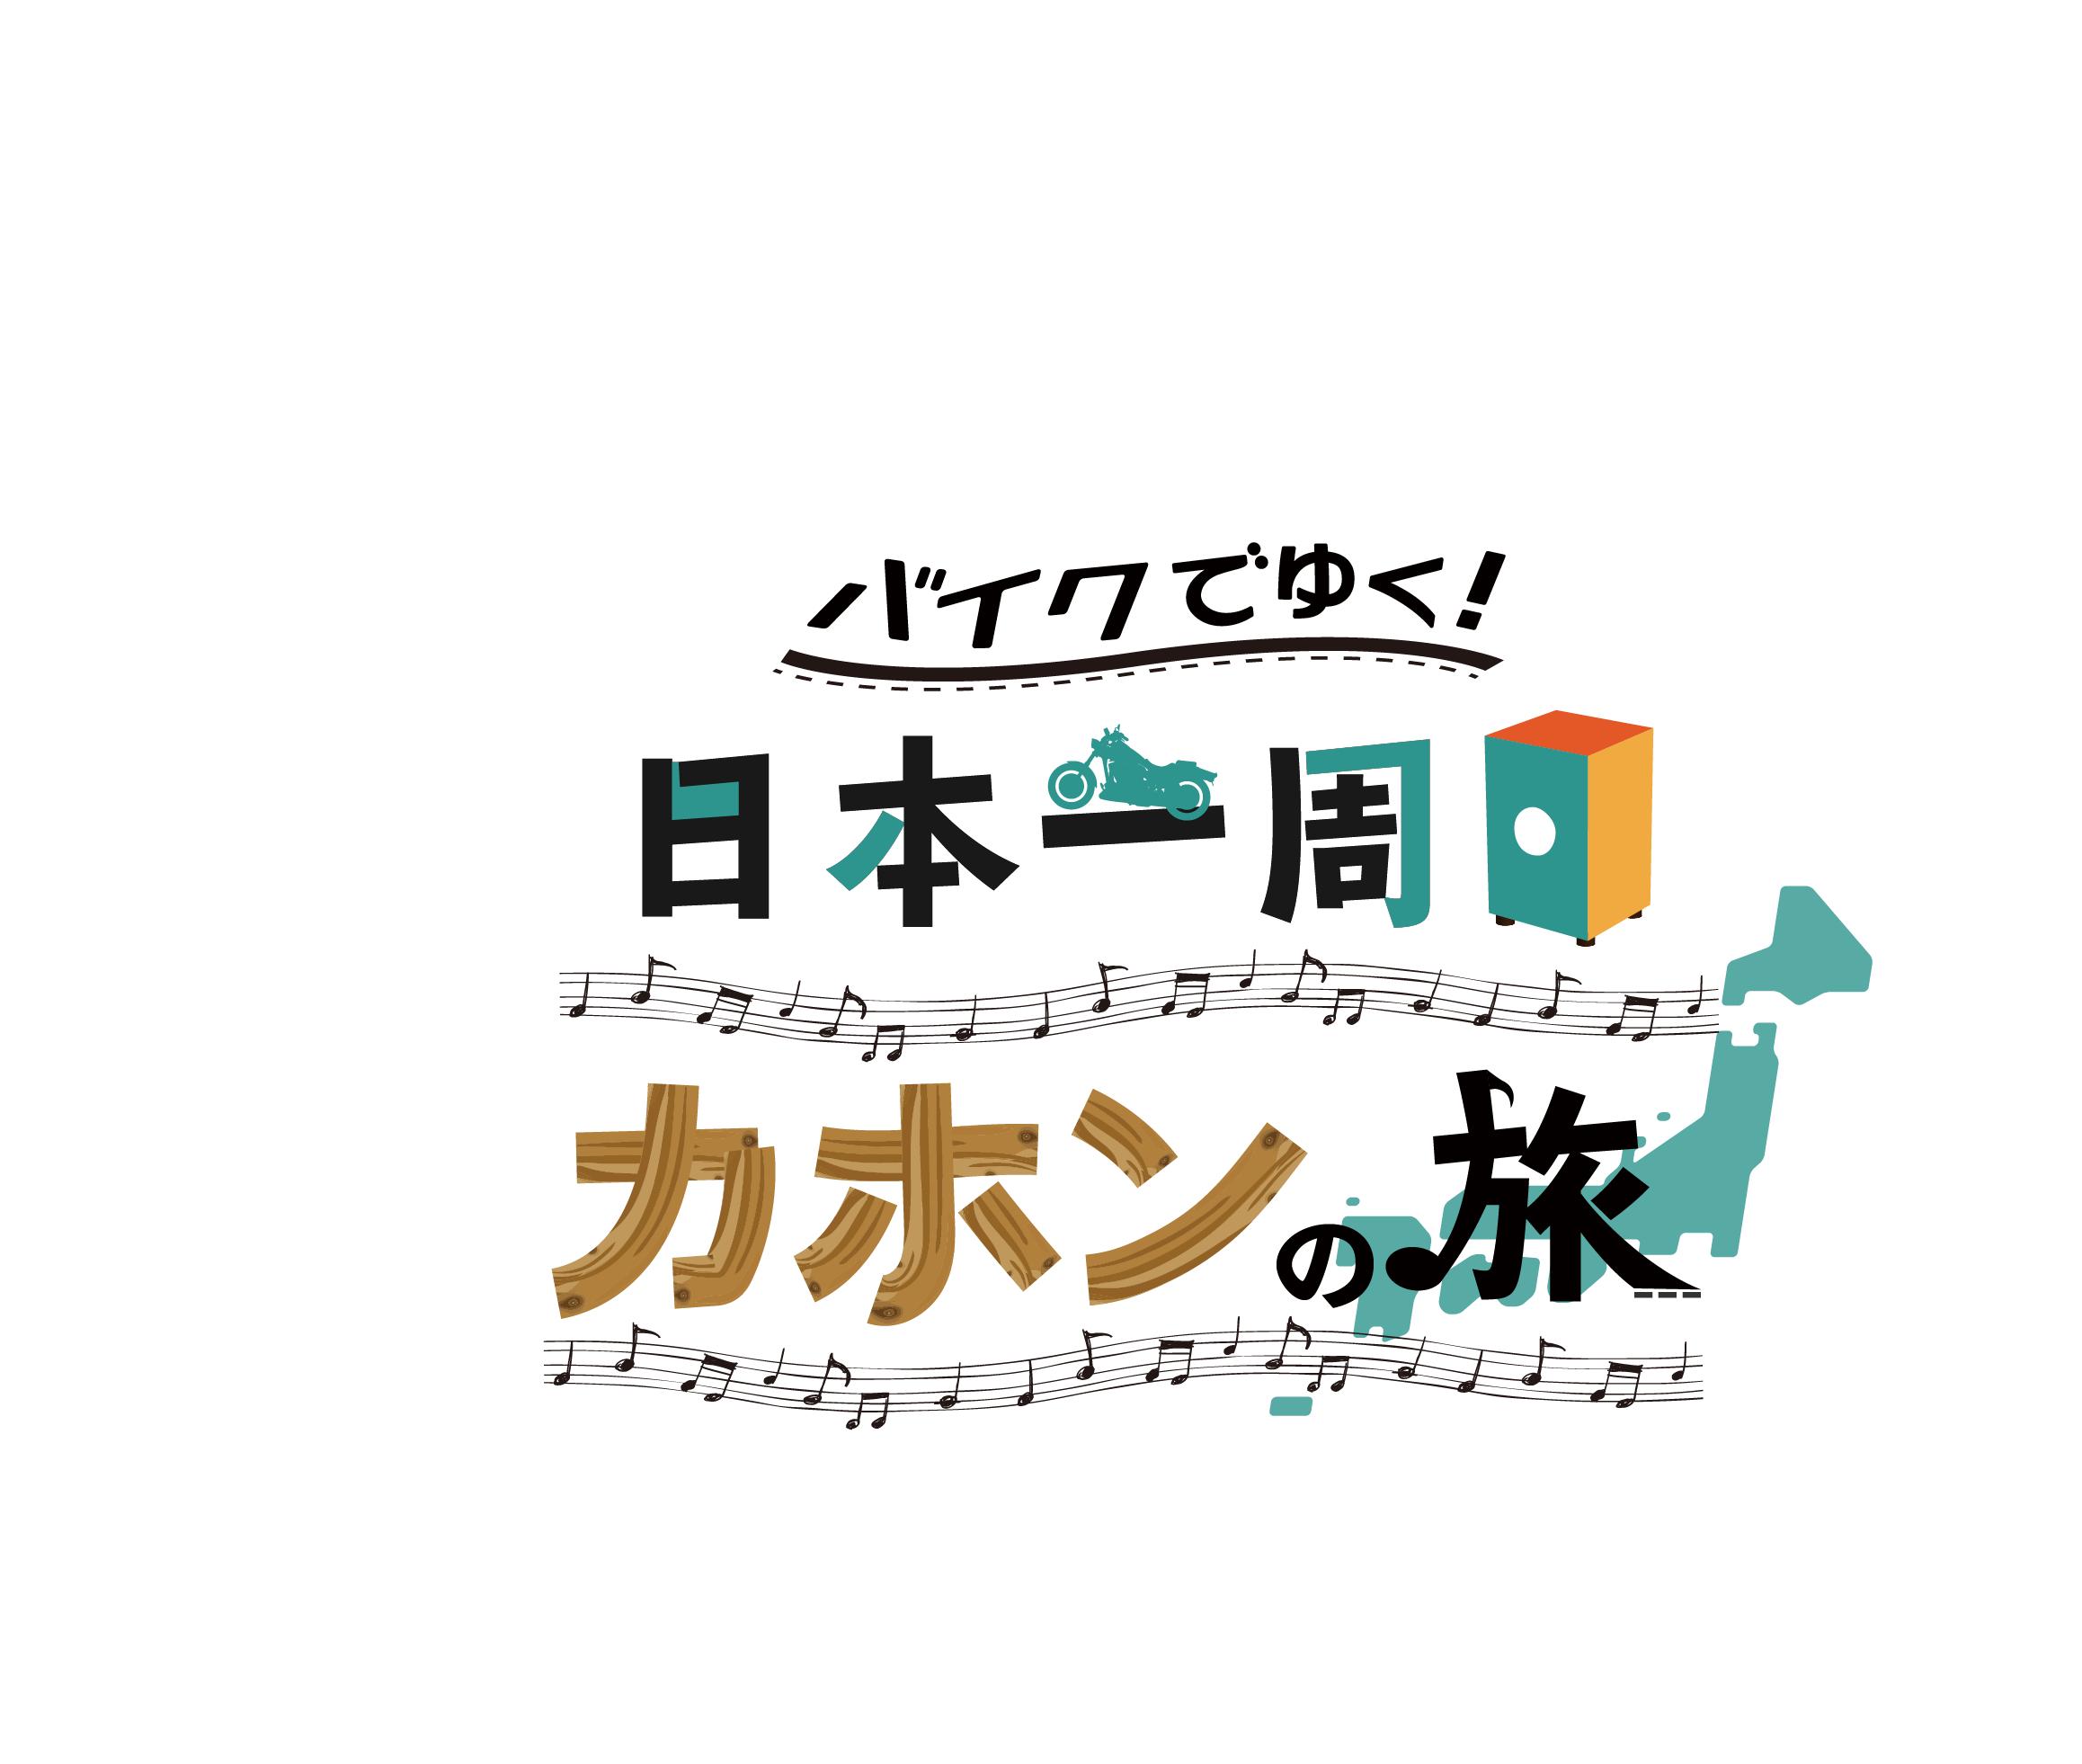 カホン(打楽器)とバイクとキャンプ:日本一周の旅